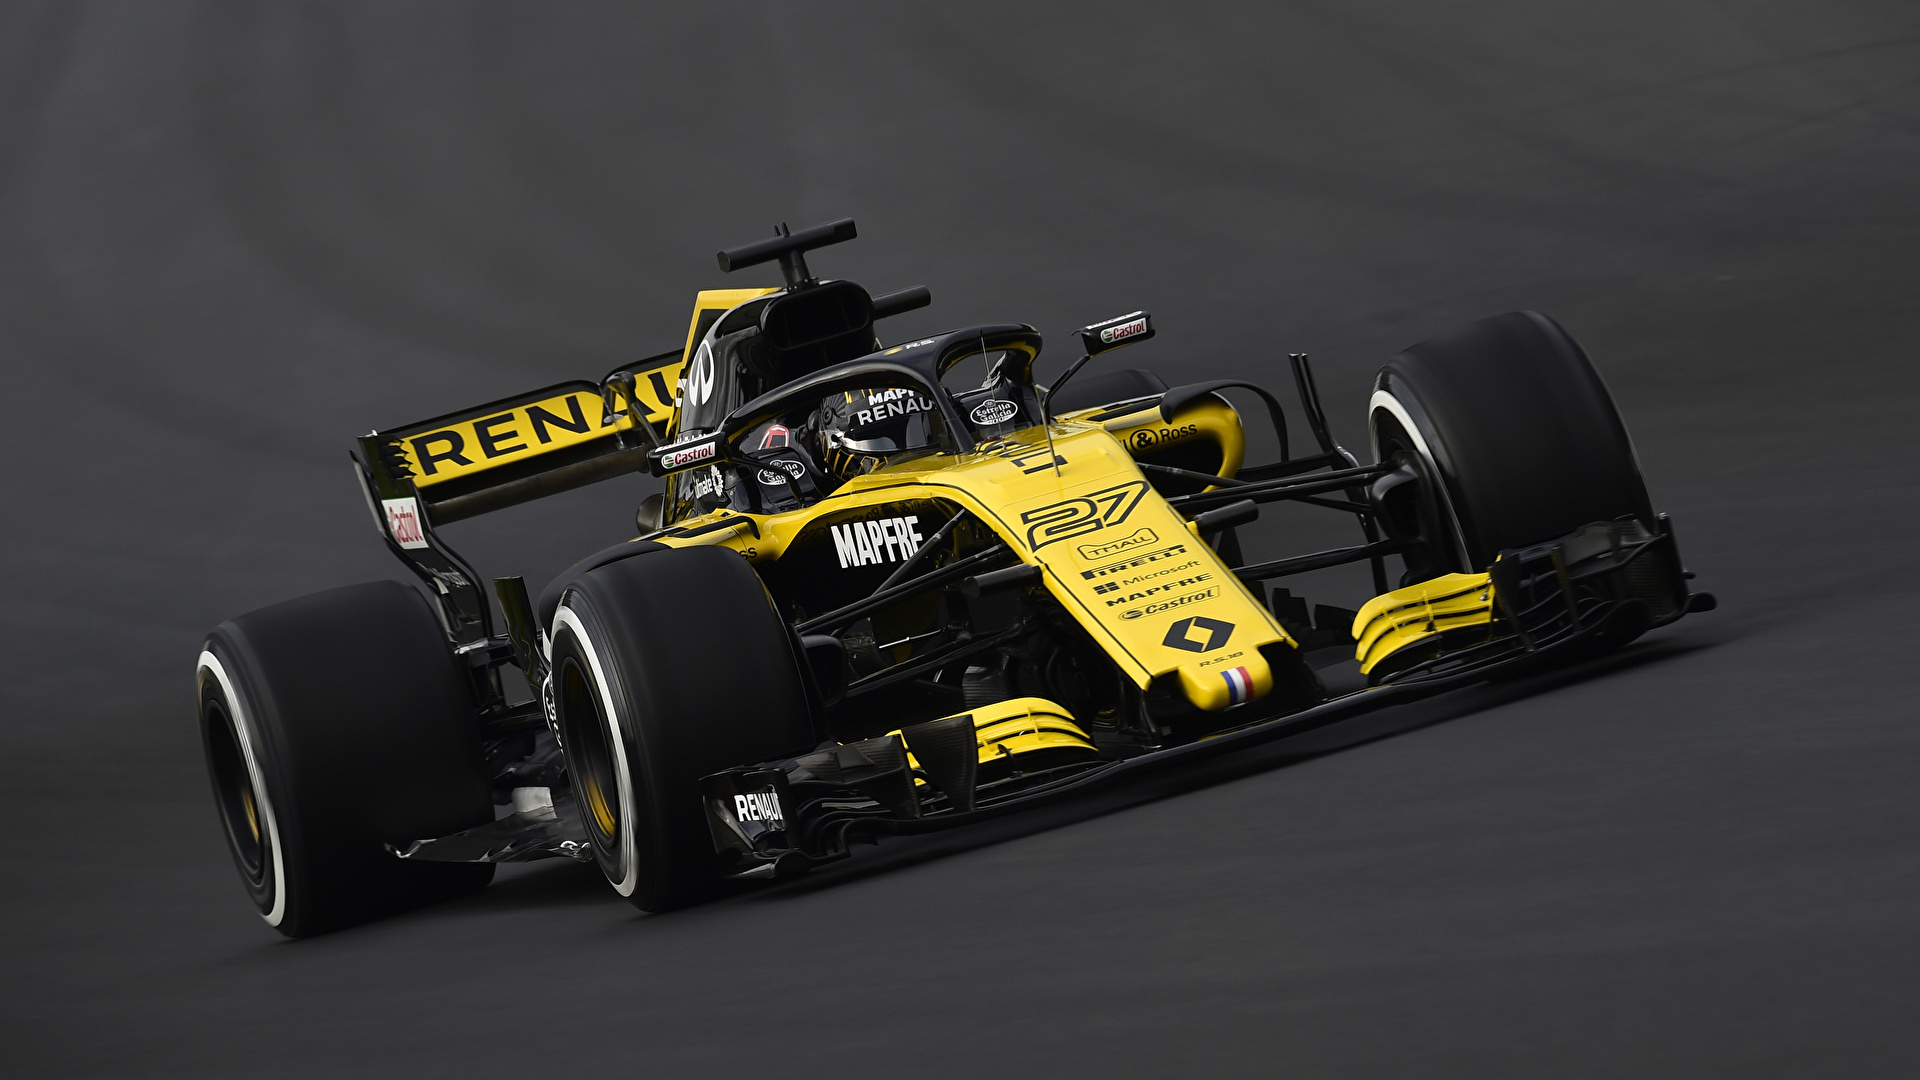 Formel 1 d - Formel 1 bilder